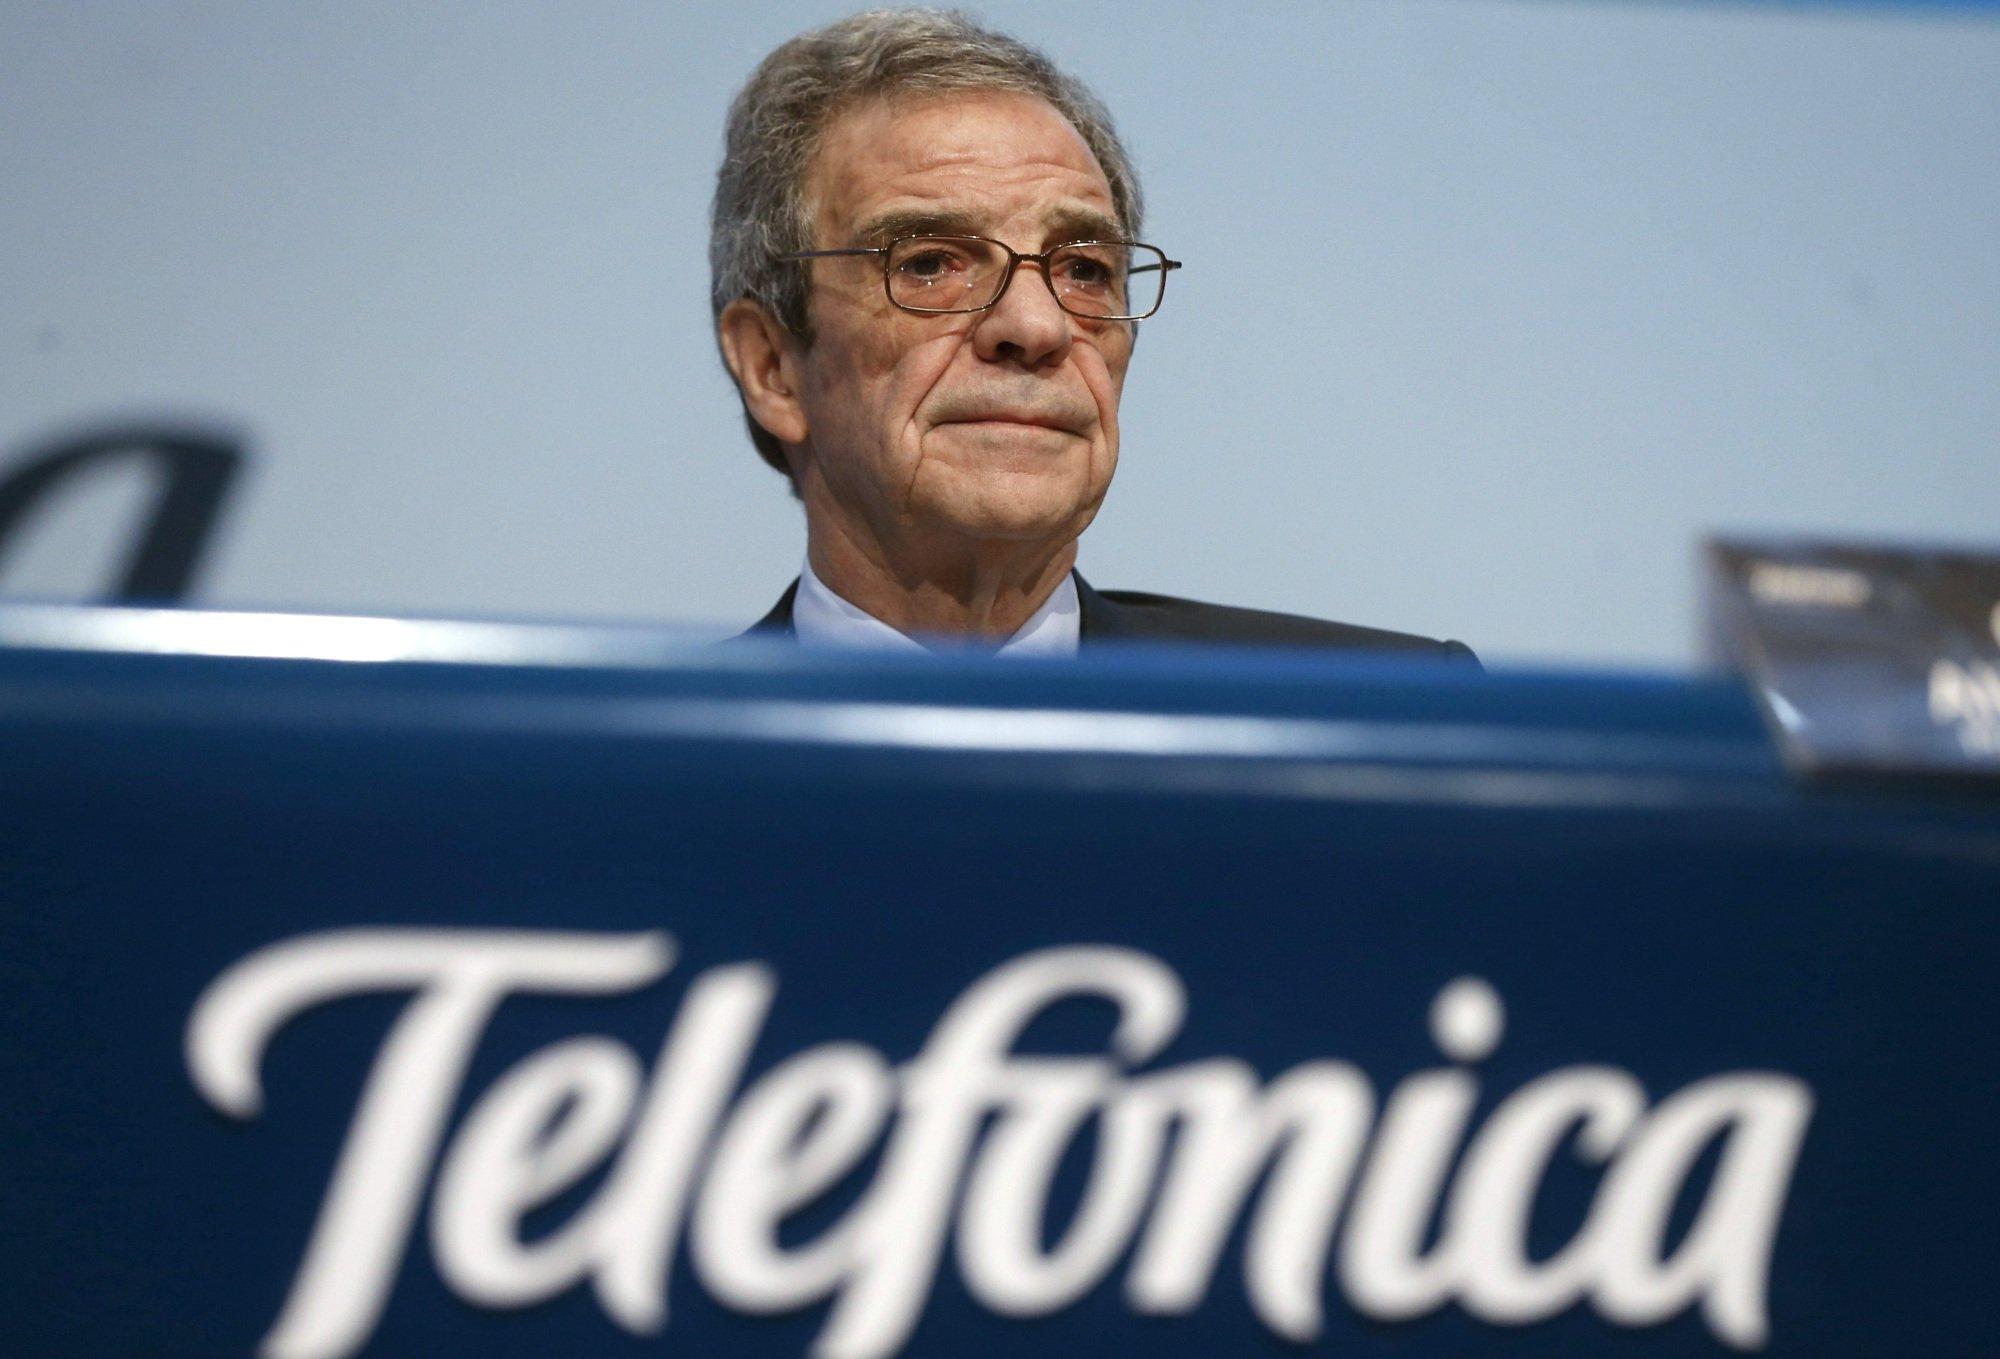 César Alierta: Telefónica no se va a fusionar con nadie